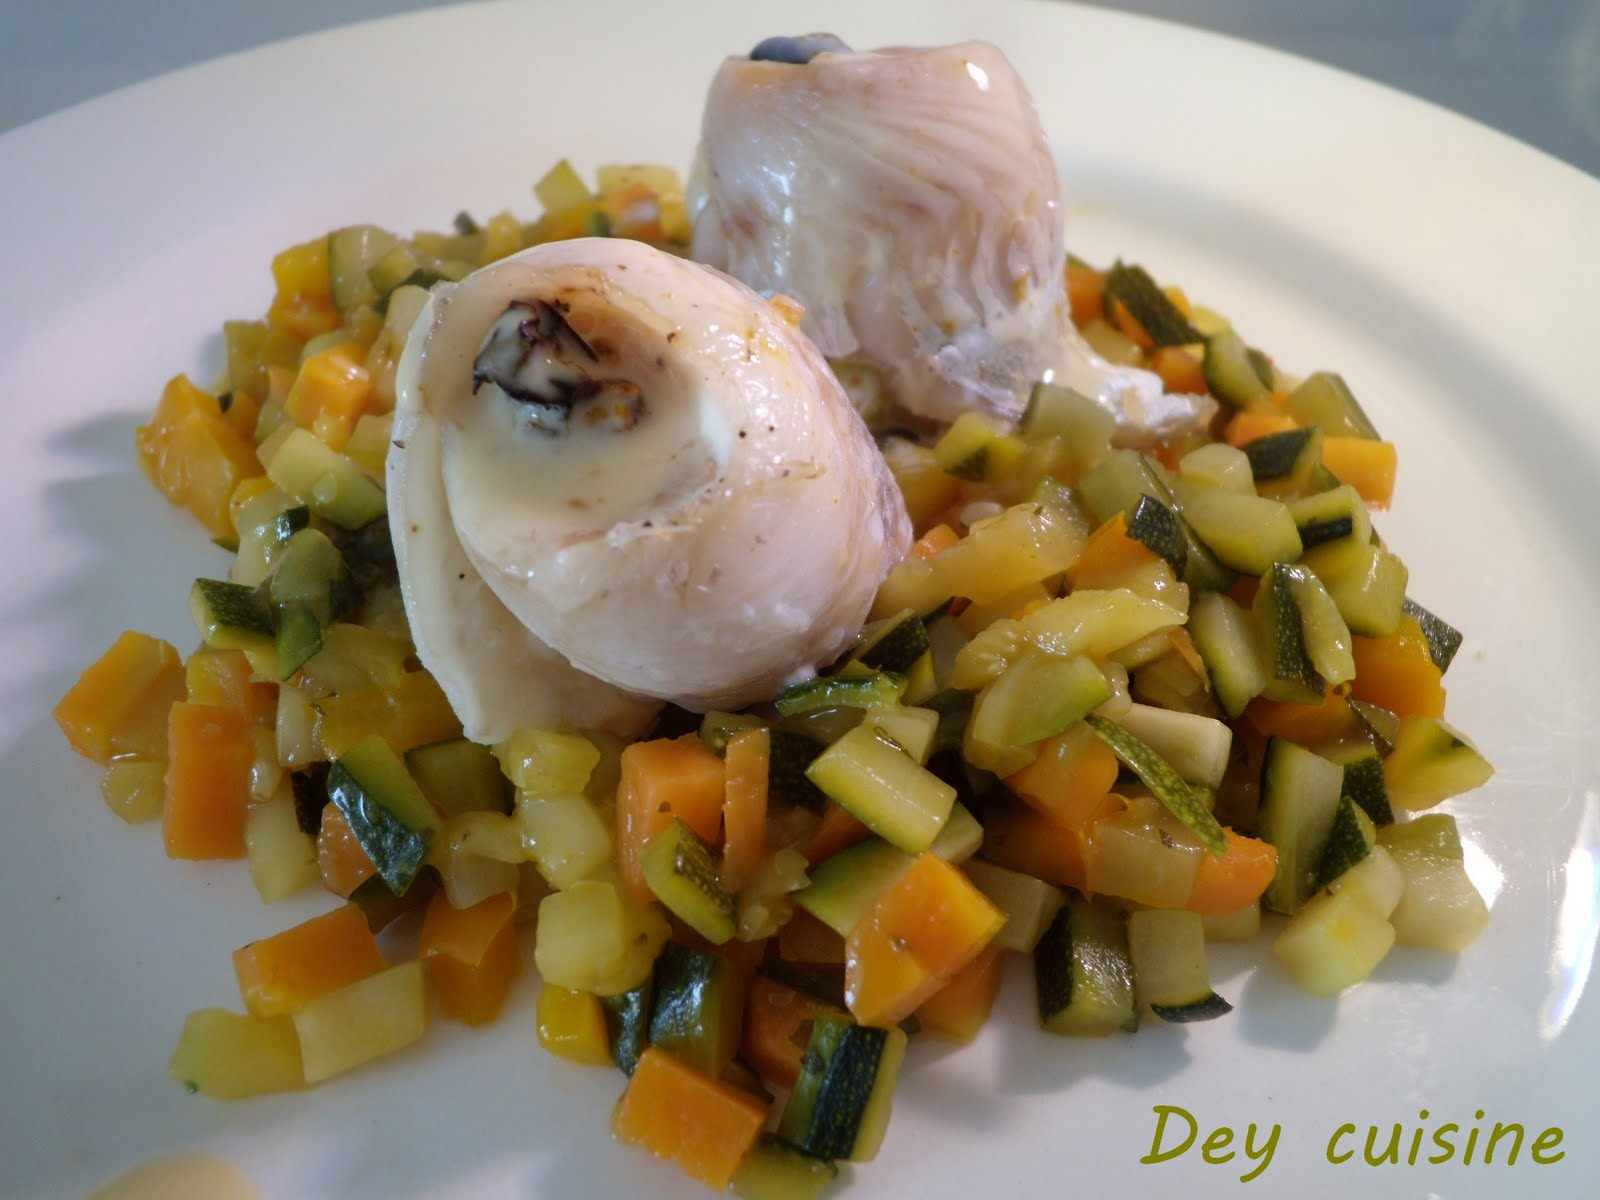 Dey cuisine roulades de poisson l gumes la for Poisson cuisine